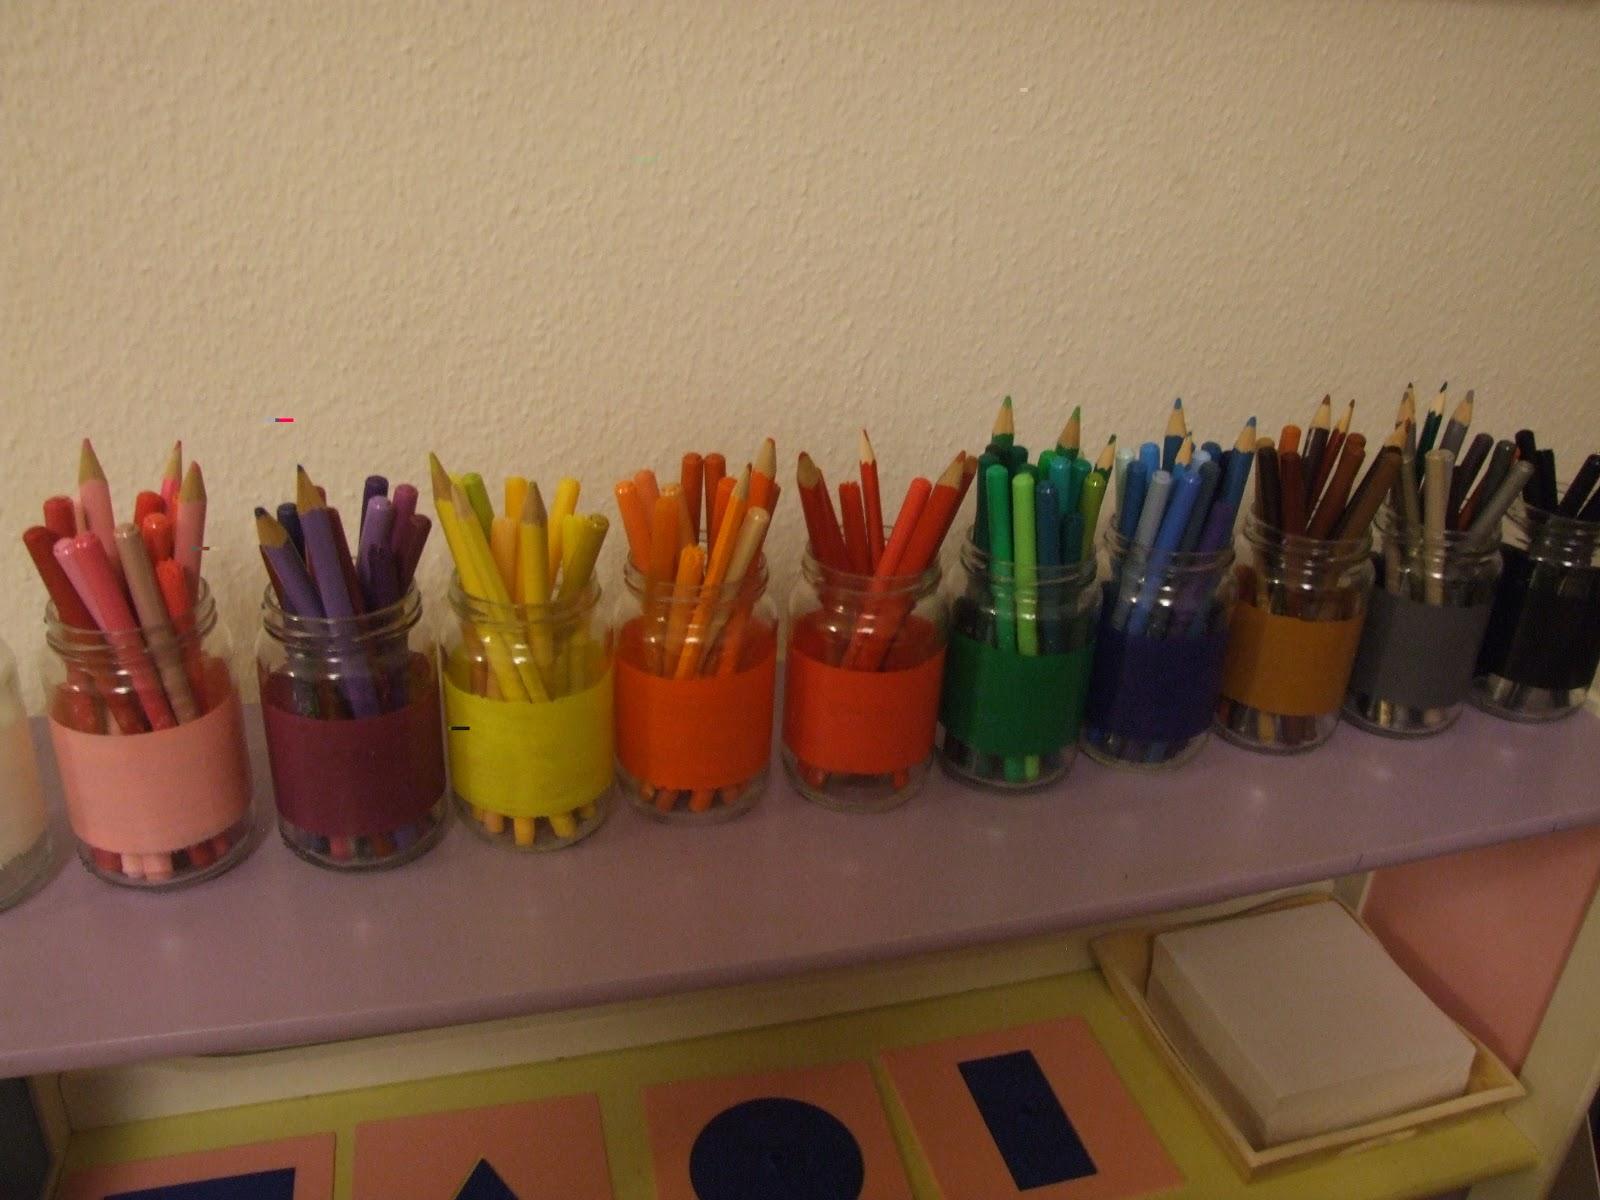 Rangements crayons boîte rangement pour crayons stylo bureau